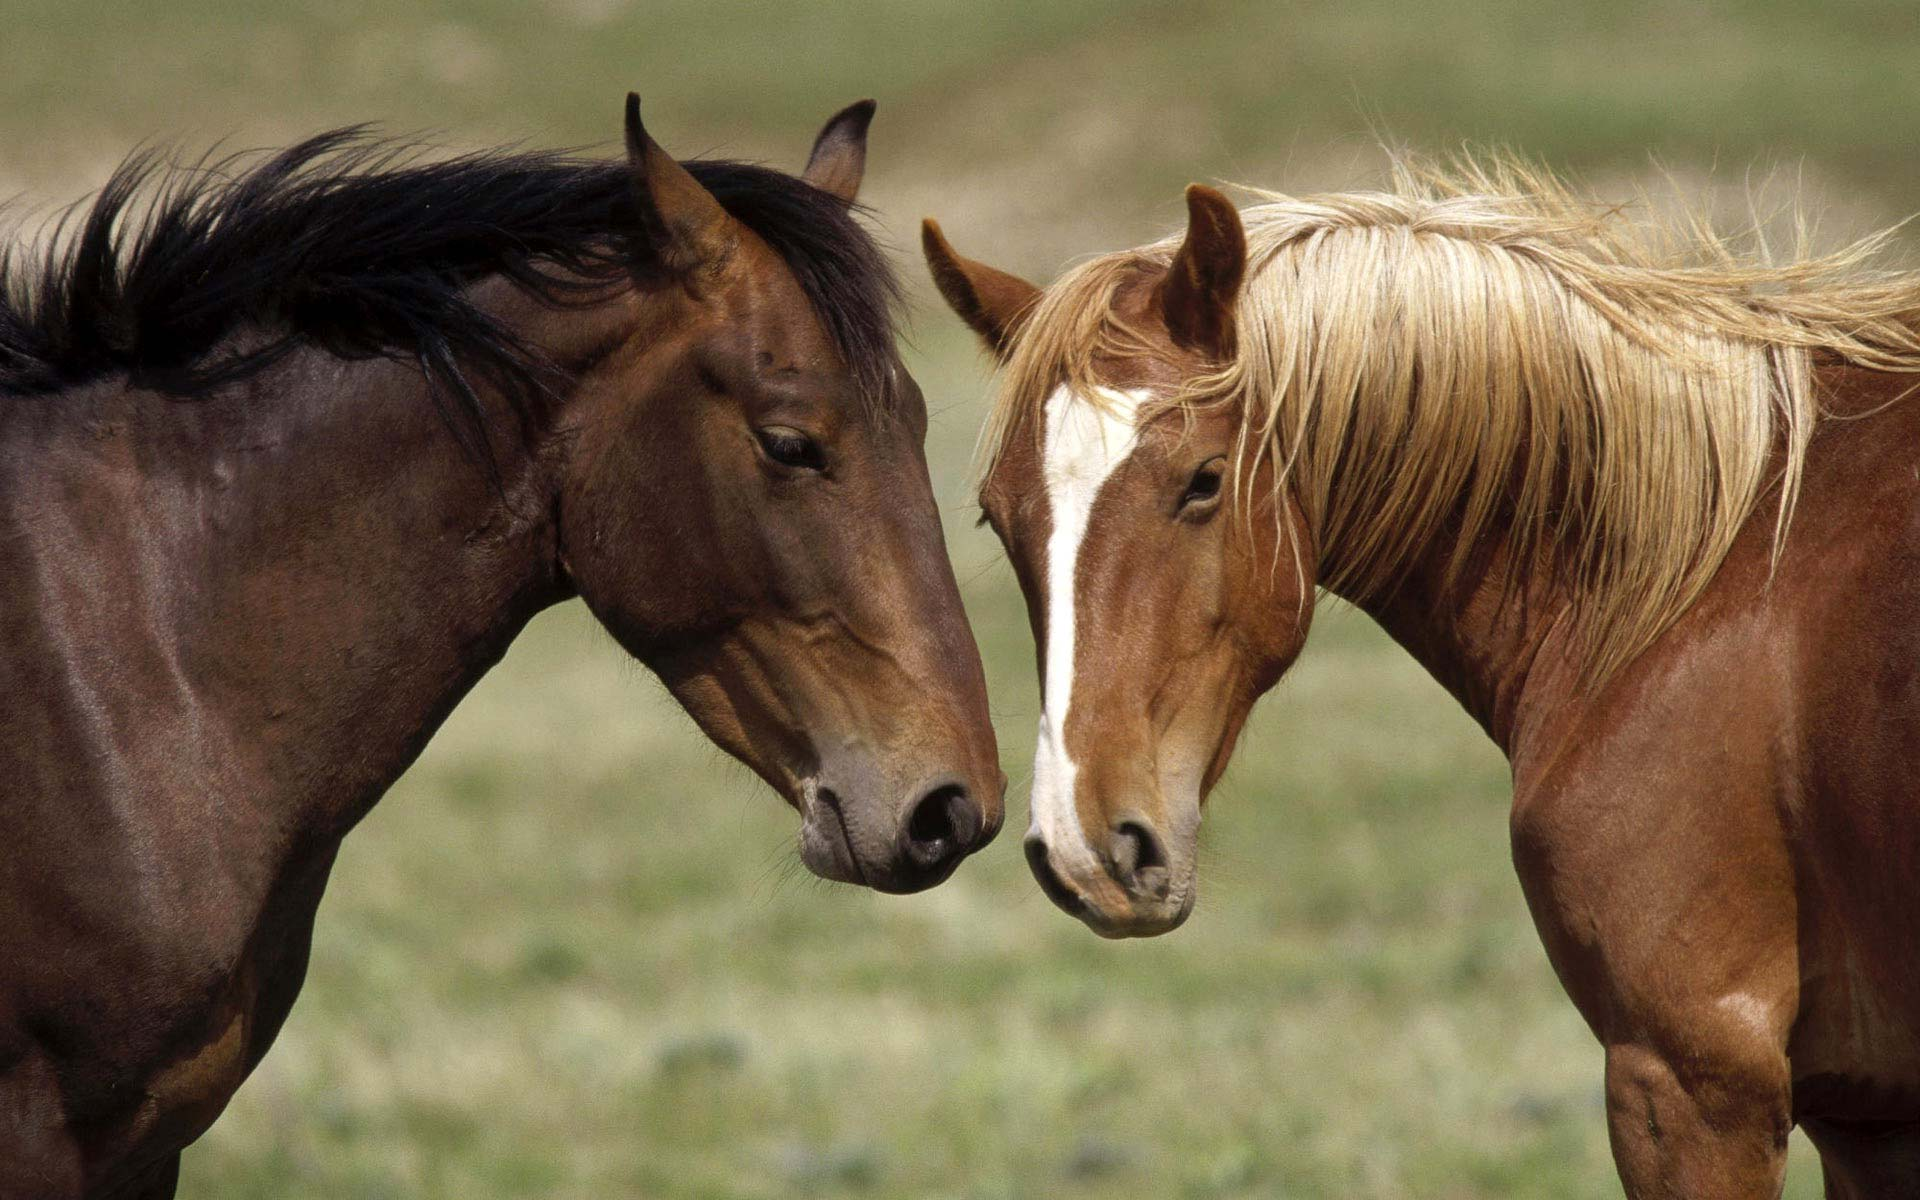 16 ноя 2012 испытания племенных лошадей